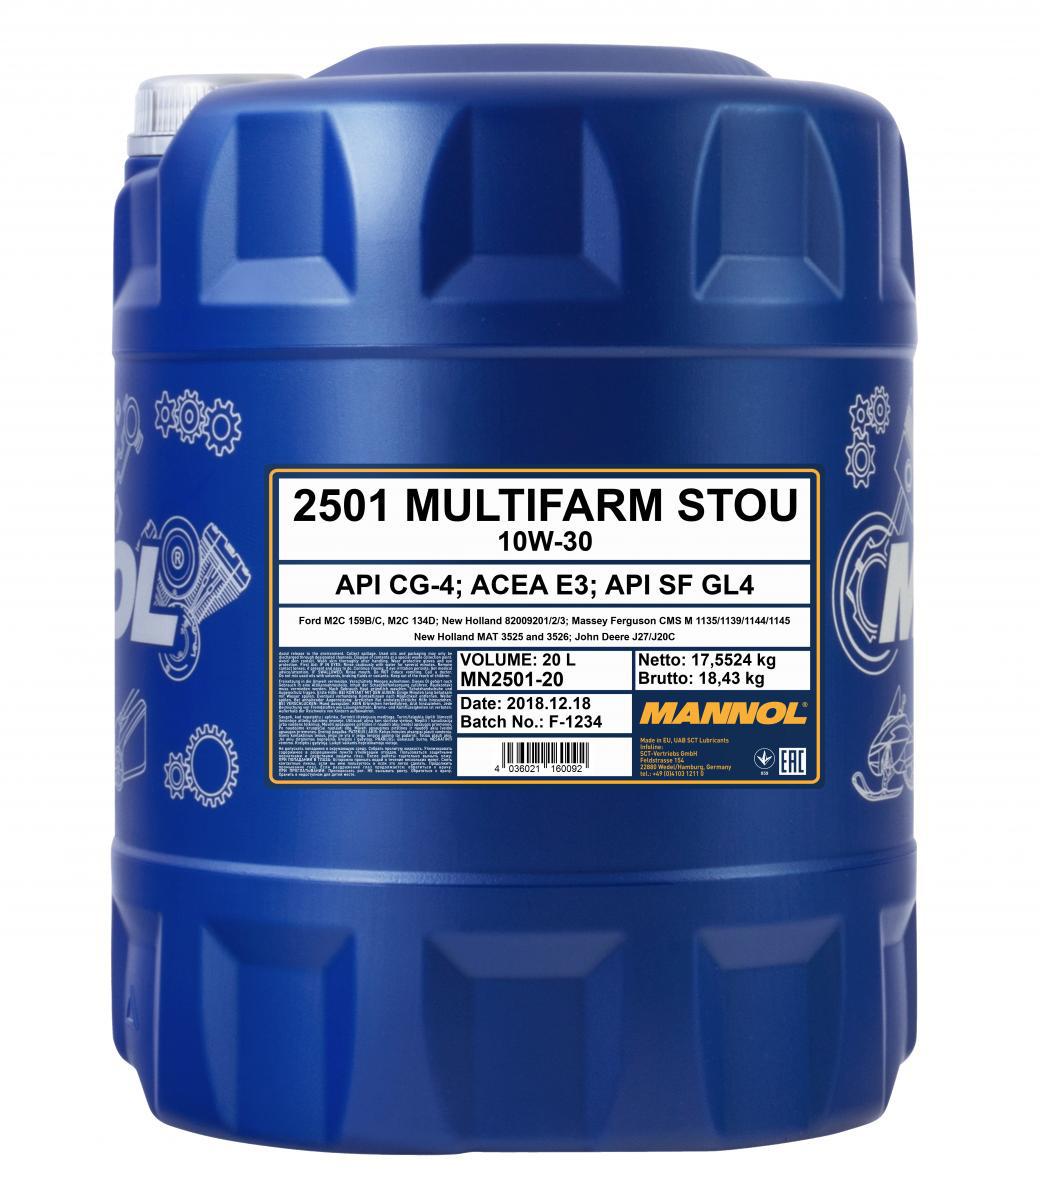 Multifarm STOU 10W-30